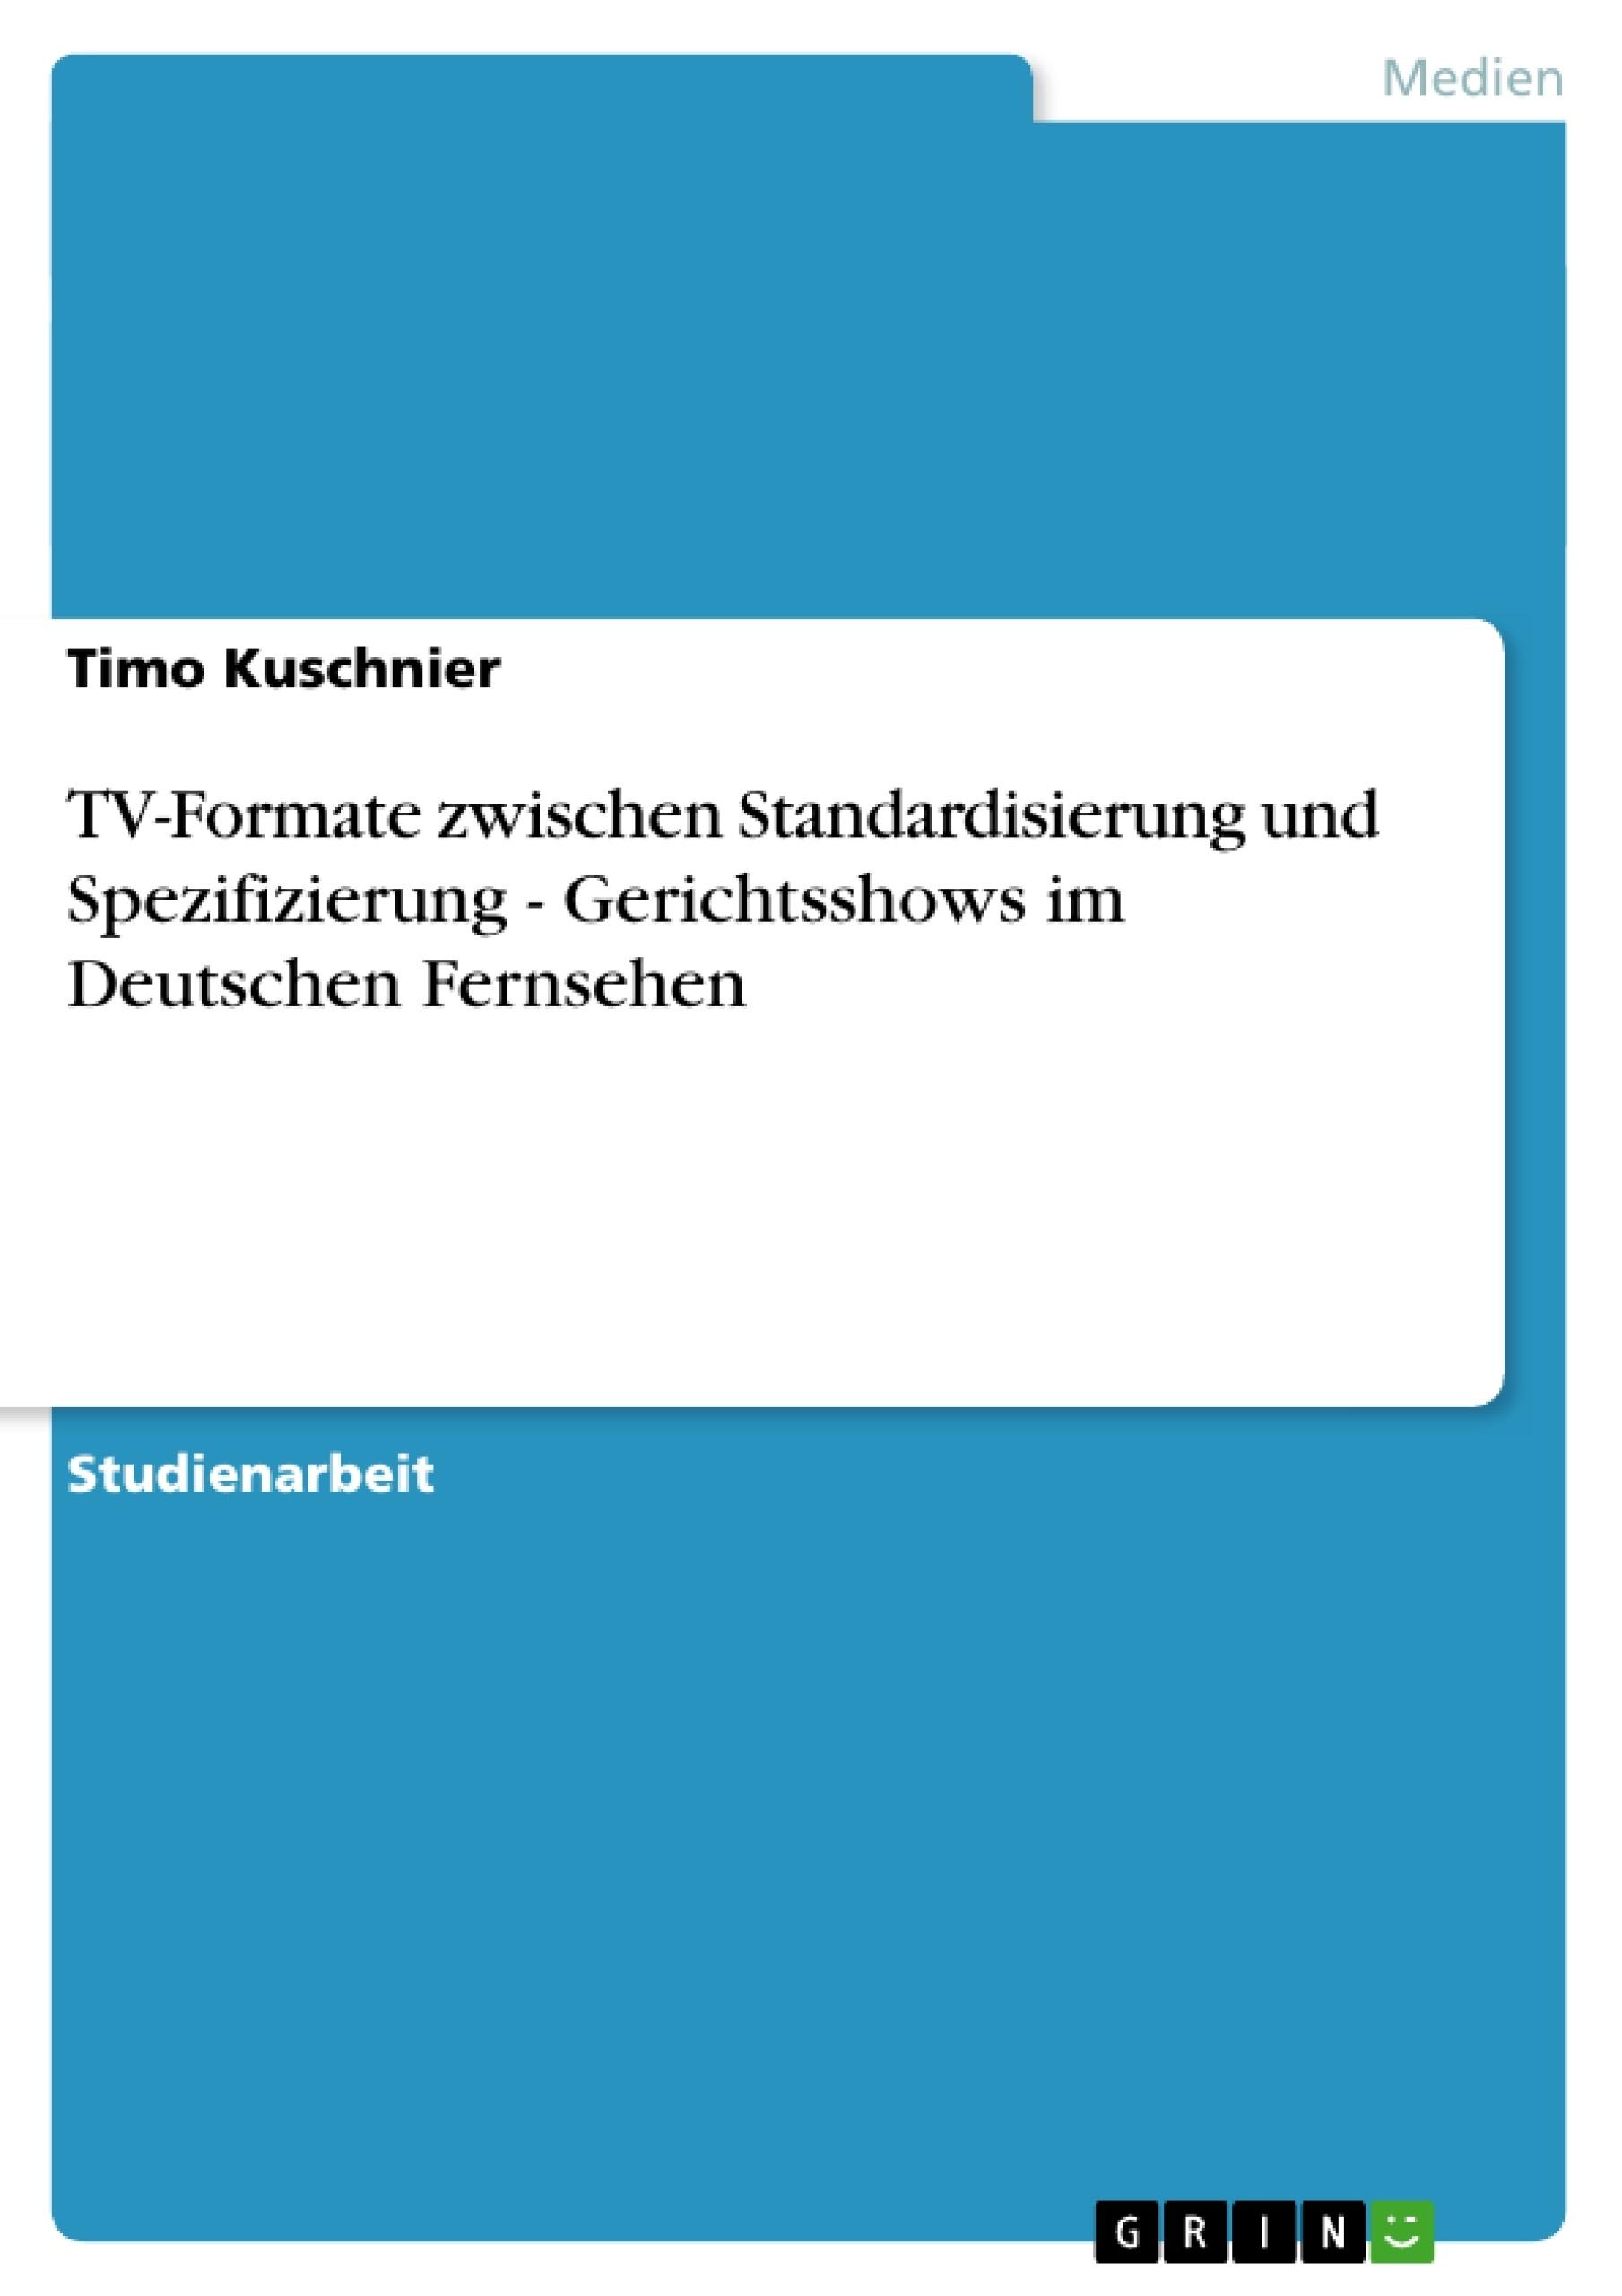 Titel: TV-Formate zwischen Standardisierung und Spezifizierung  -  Gerichtsshows im Deutschen Fernsehen